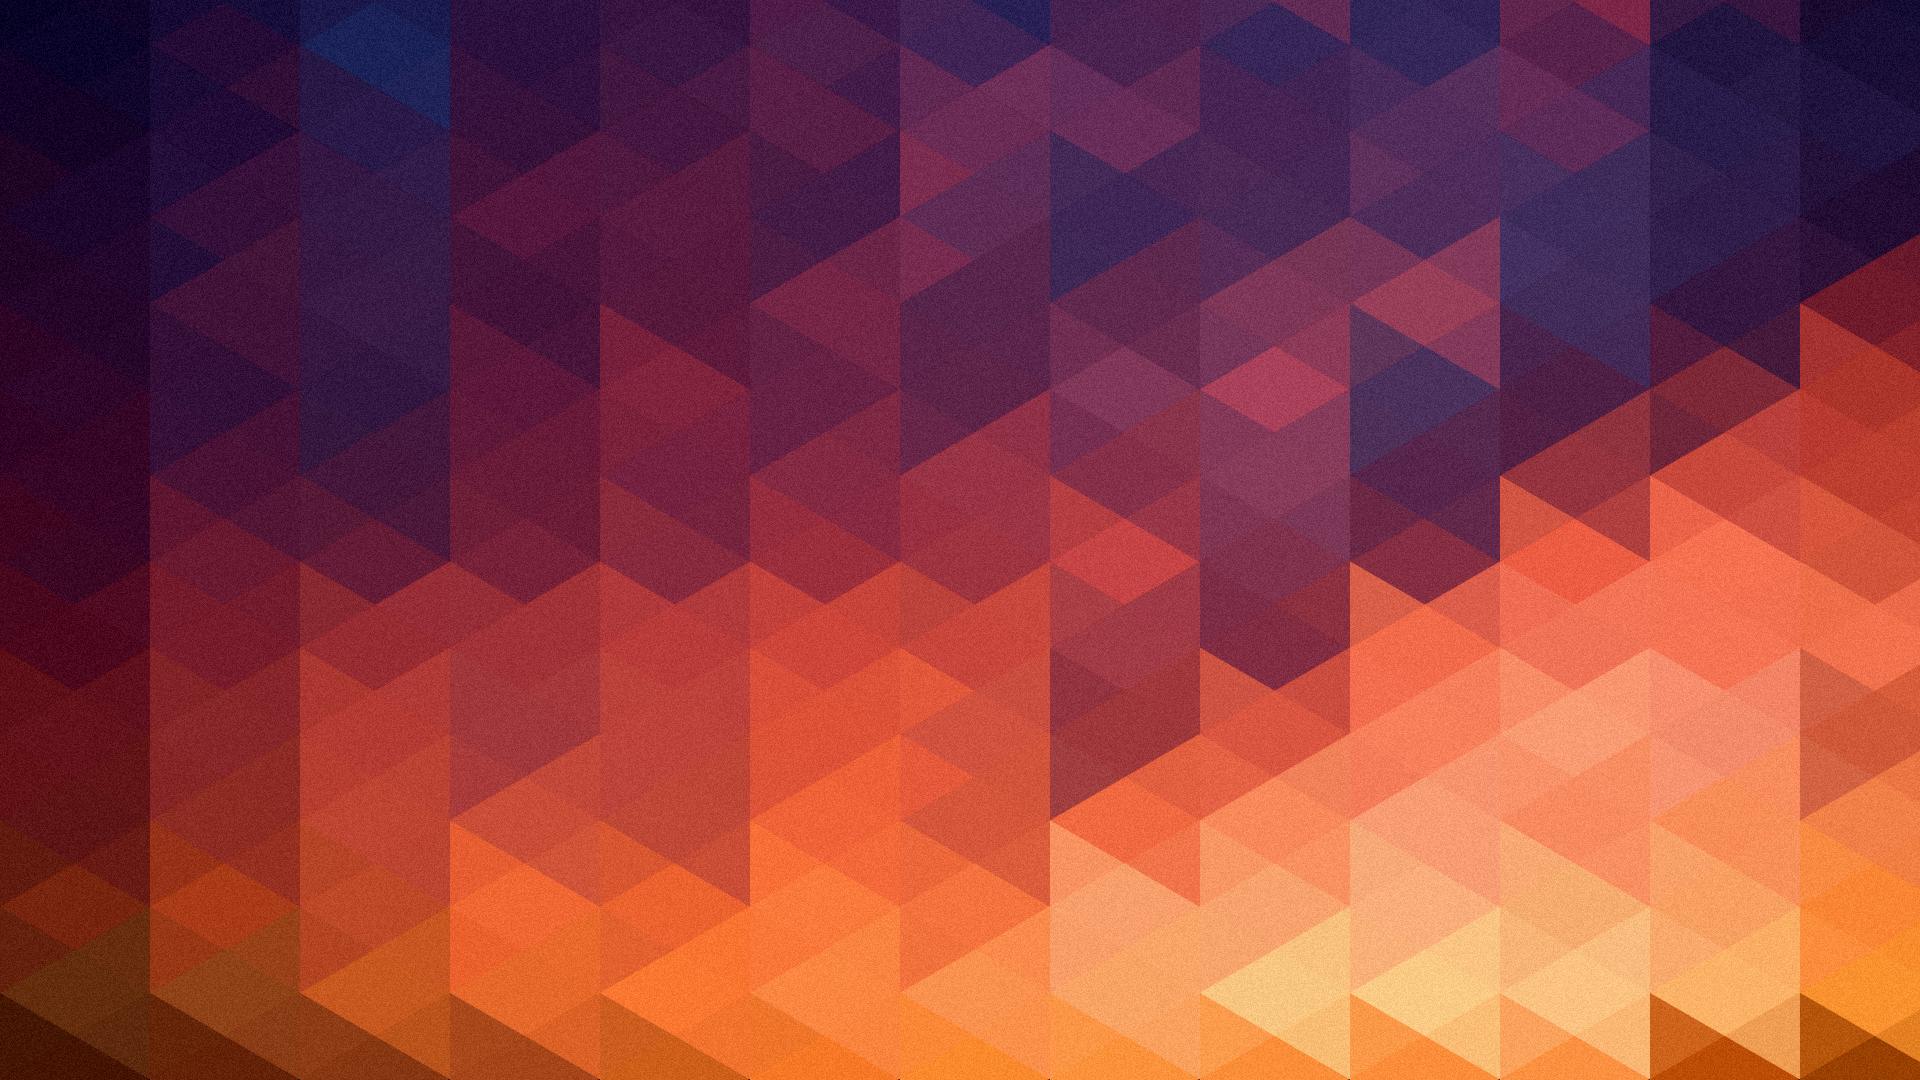 Retro Wallpaper 16899 1920x1080 px